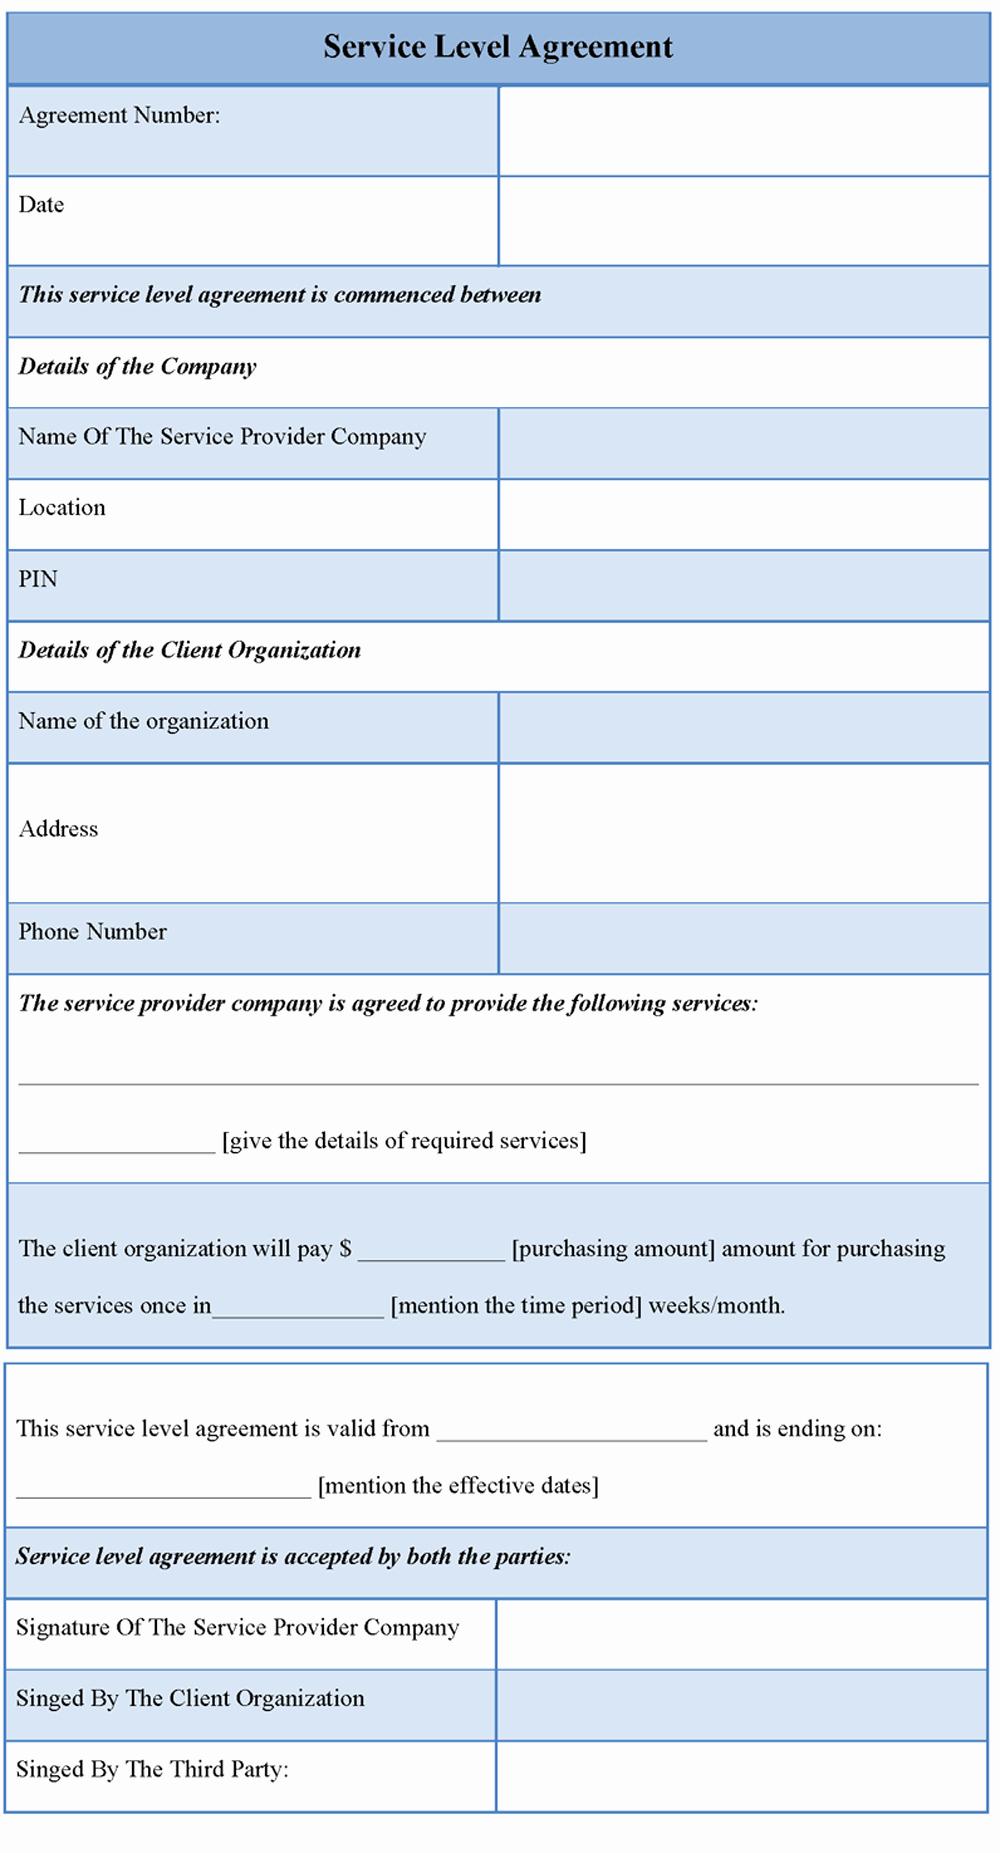 Simple Service Agreement Template Unique Service Level Agreement Template